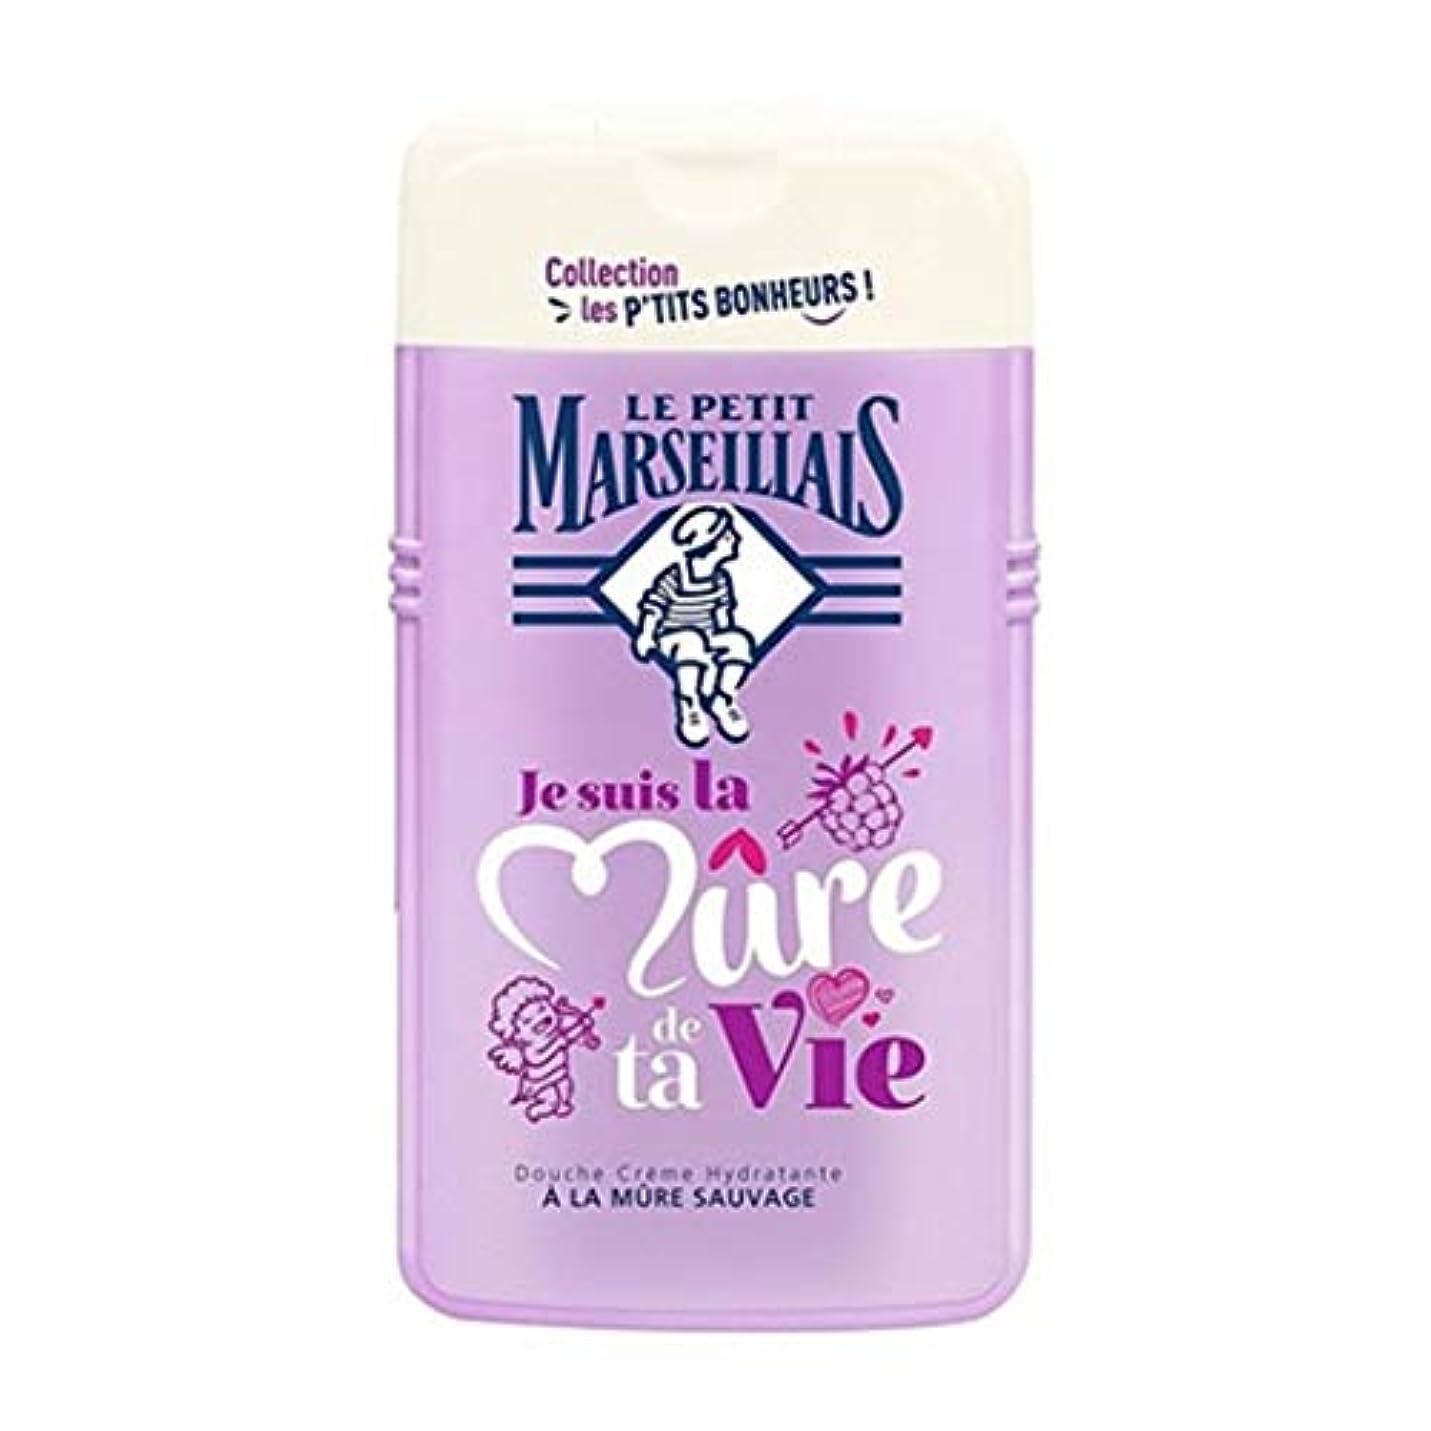 謎めいたウールメニュー「ブラックベリー」シャワークリーム ???? フランスの「ル?プティ?マルセイユ (Le Petit Marseillais)」 les P'TITS BONHEURS 250ml ボディウォッシュ